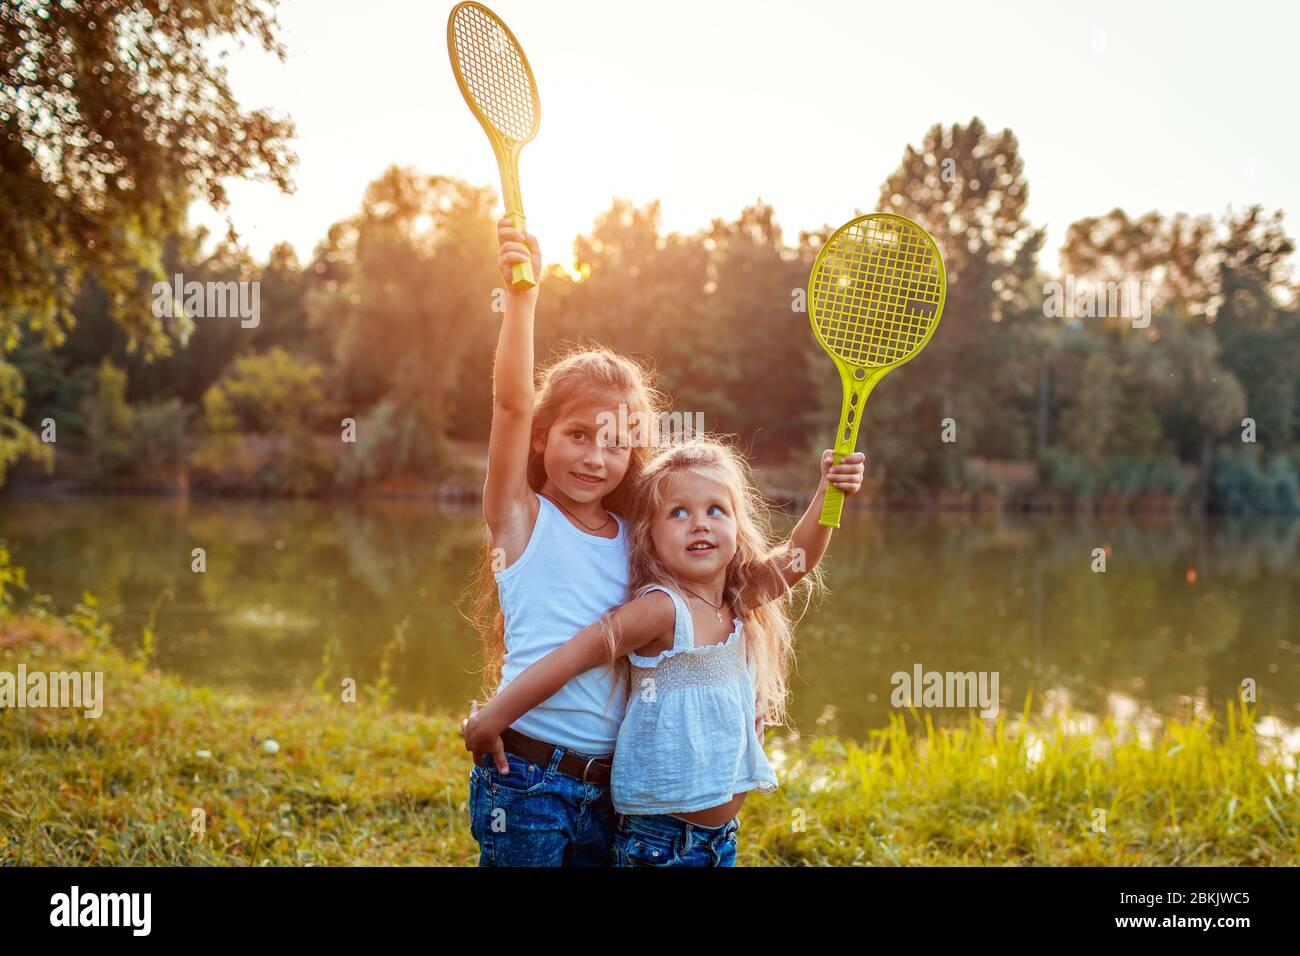 Kleine Mädchen, die Spaß im Freien nach dem Badminton spielen. Schwestern ziehen Schläger im Frühjahrspark. Aktivitäten für Kinder Stockfoto